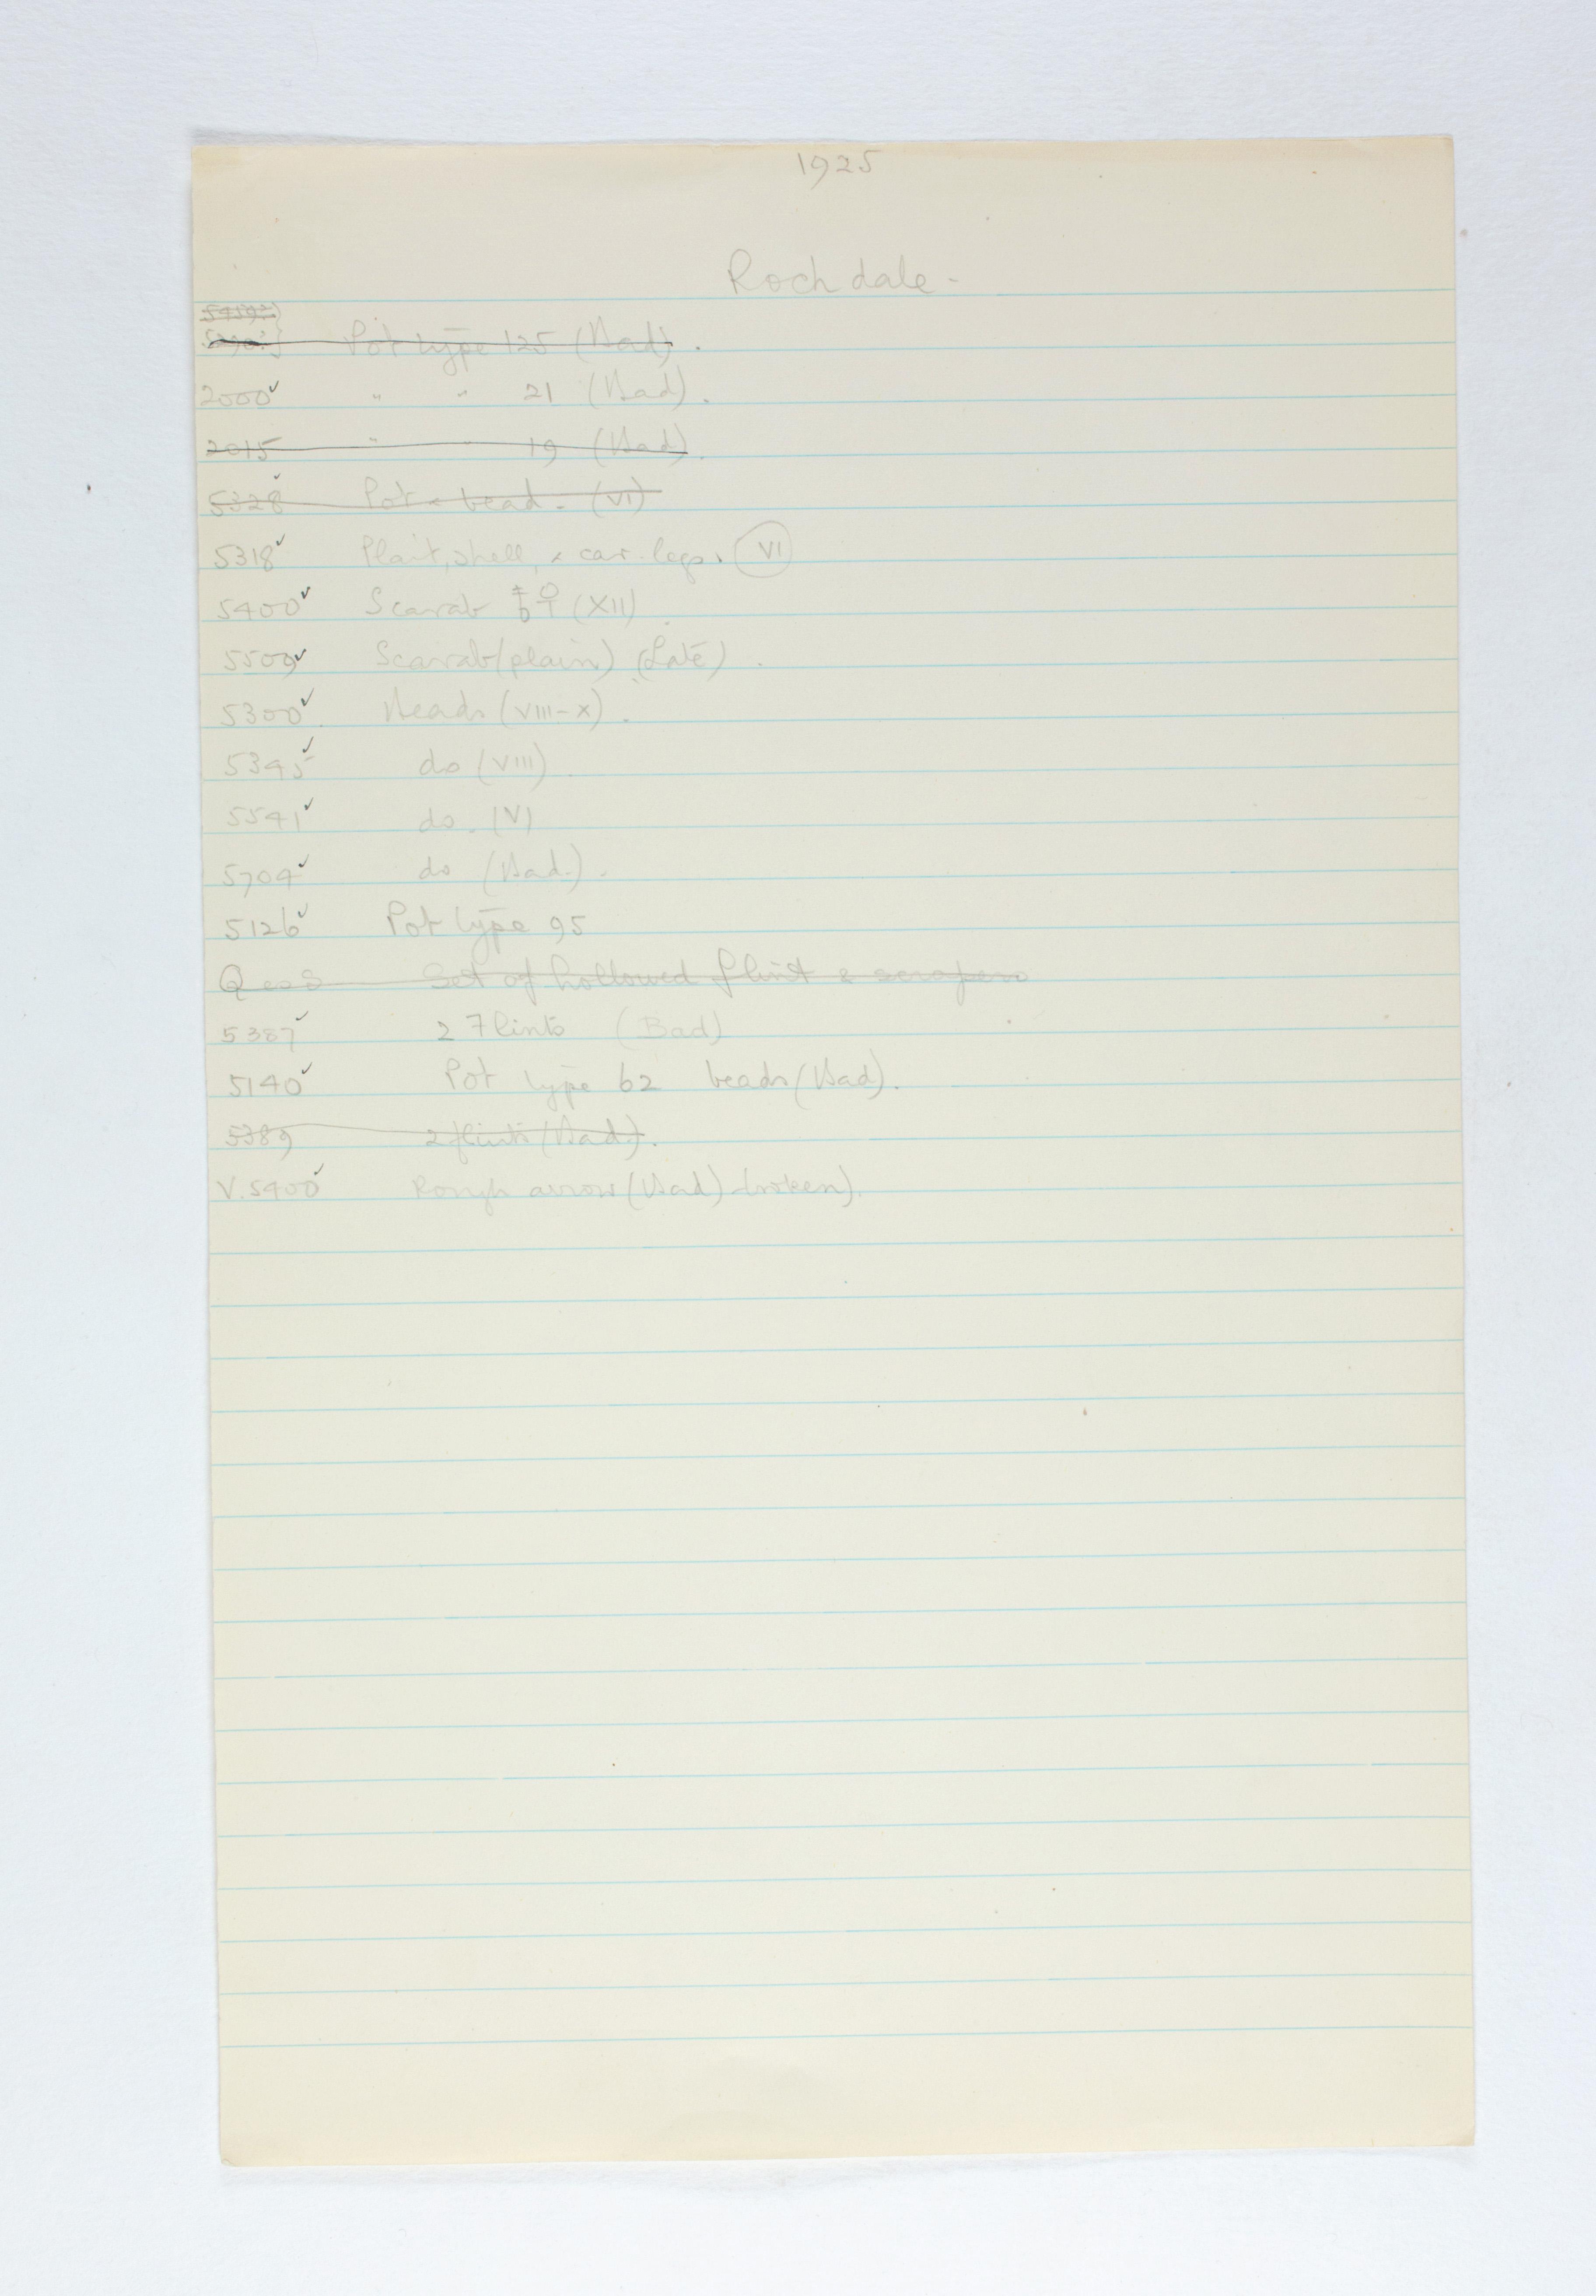 1924-25 Badari, Faiyum Individual institution list PMA/WFP1/D/28/18